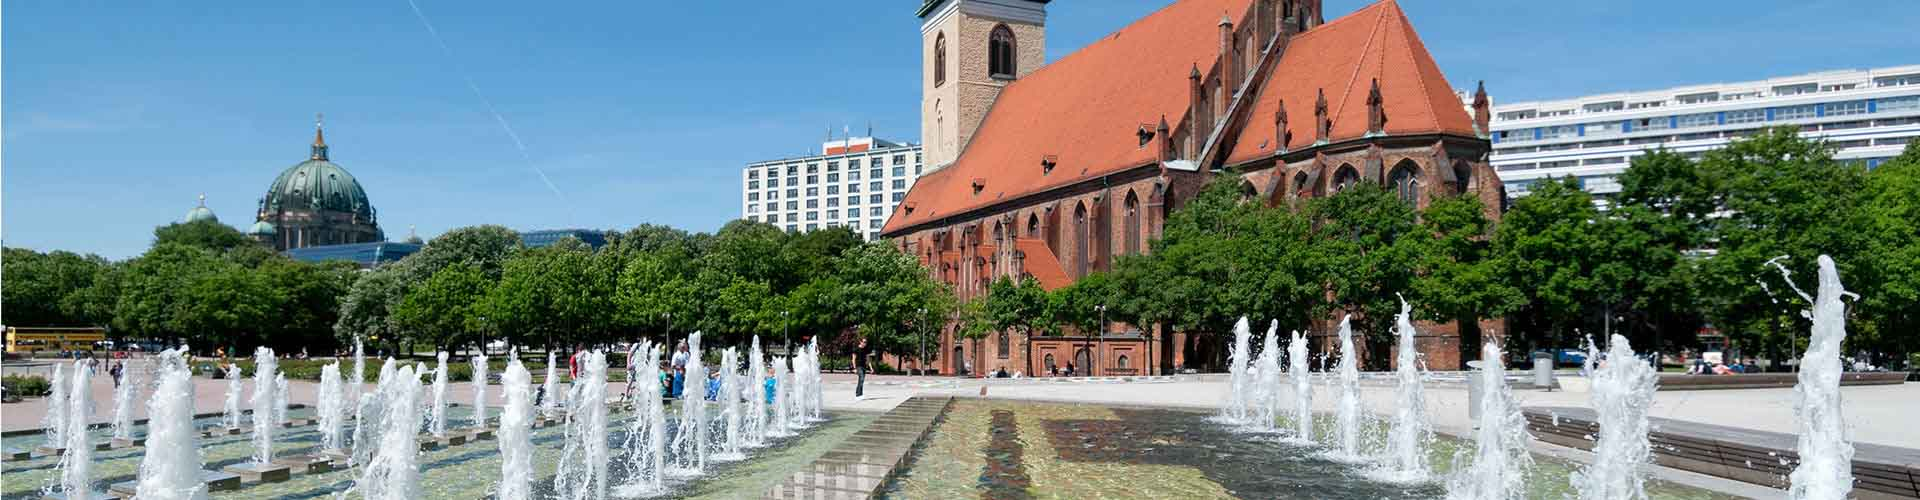 베를린 - 마리엔 교회에 가까운 호텔. 베를린의 지도, 베를린에 위치한 호텔에 대한 사진 및 리뷰.